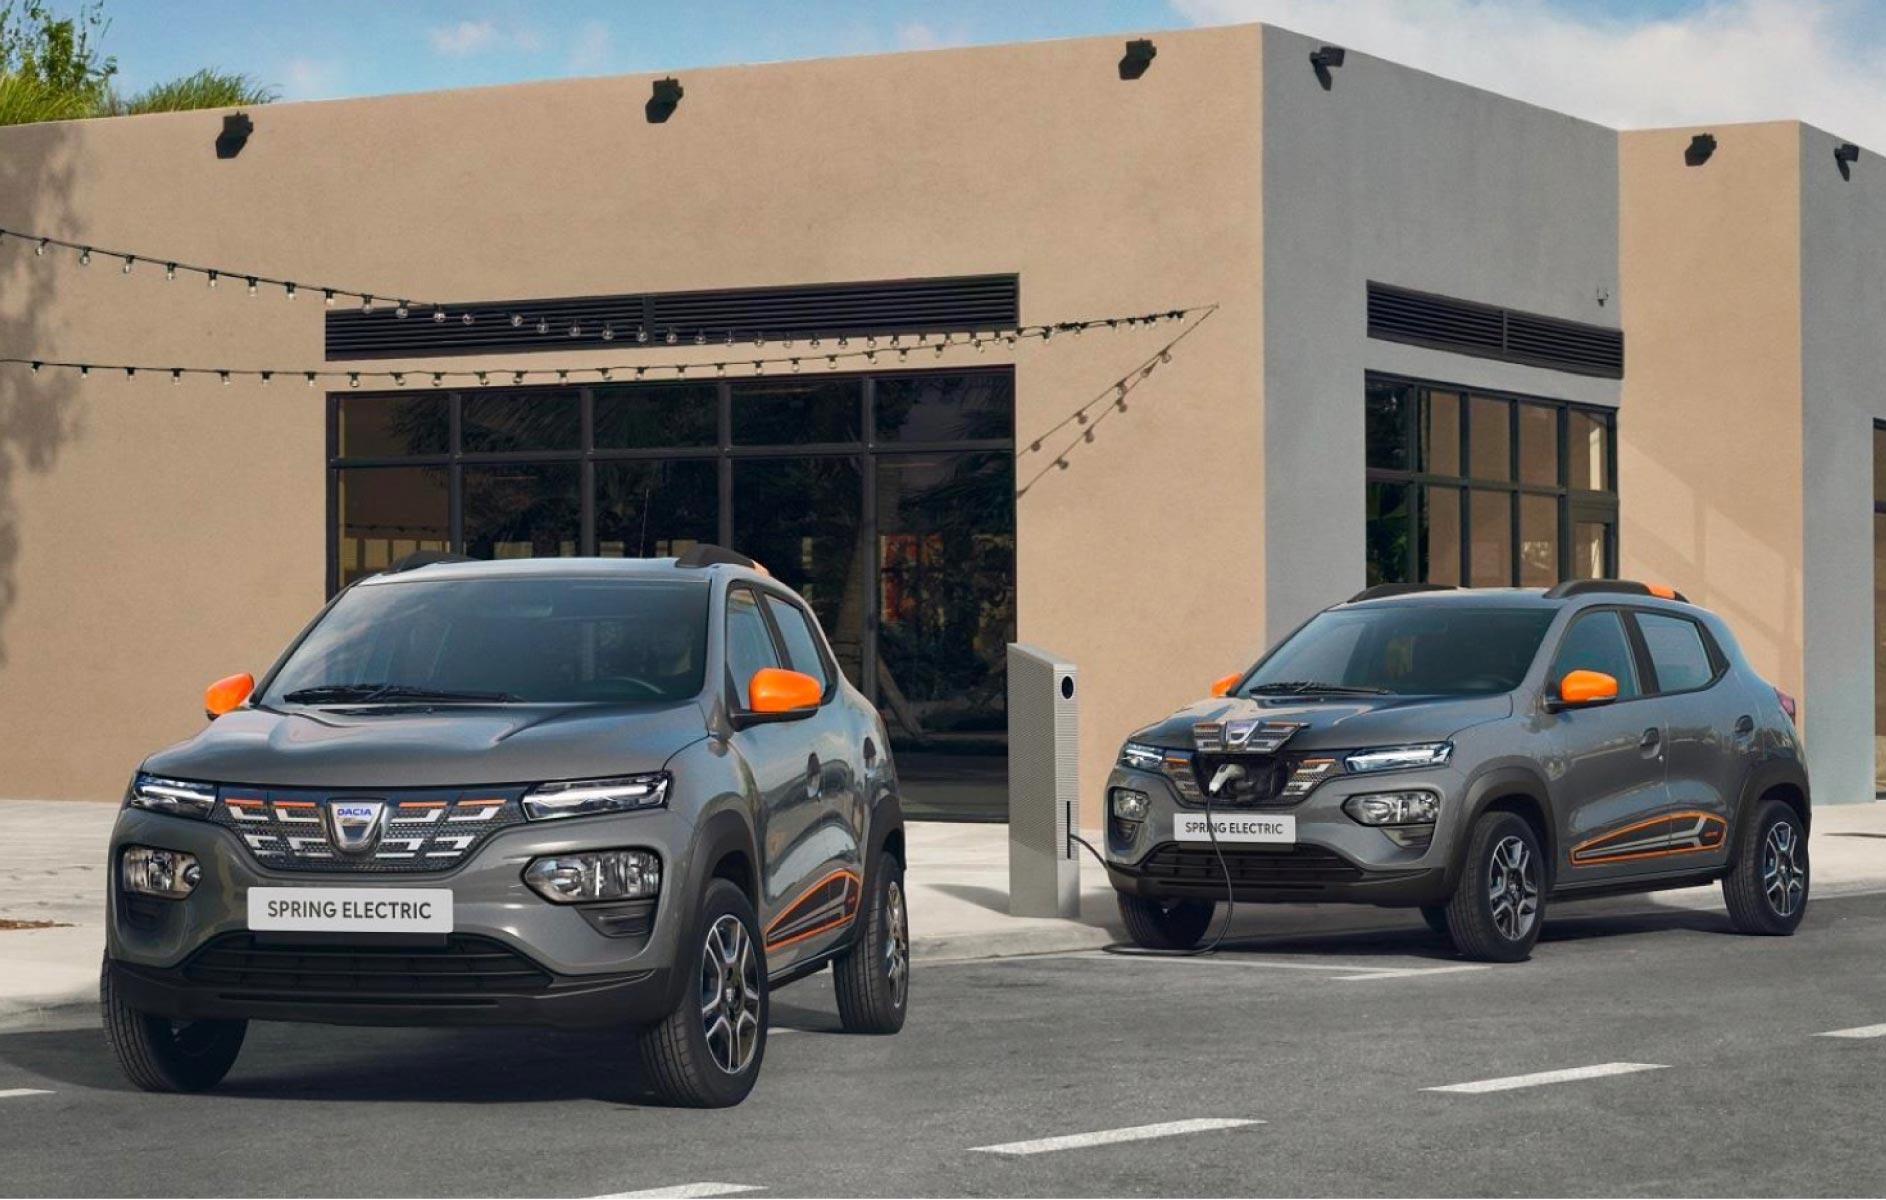 La Nuova Dacia elettrica Spring